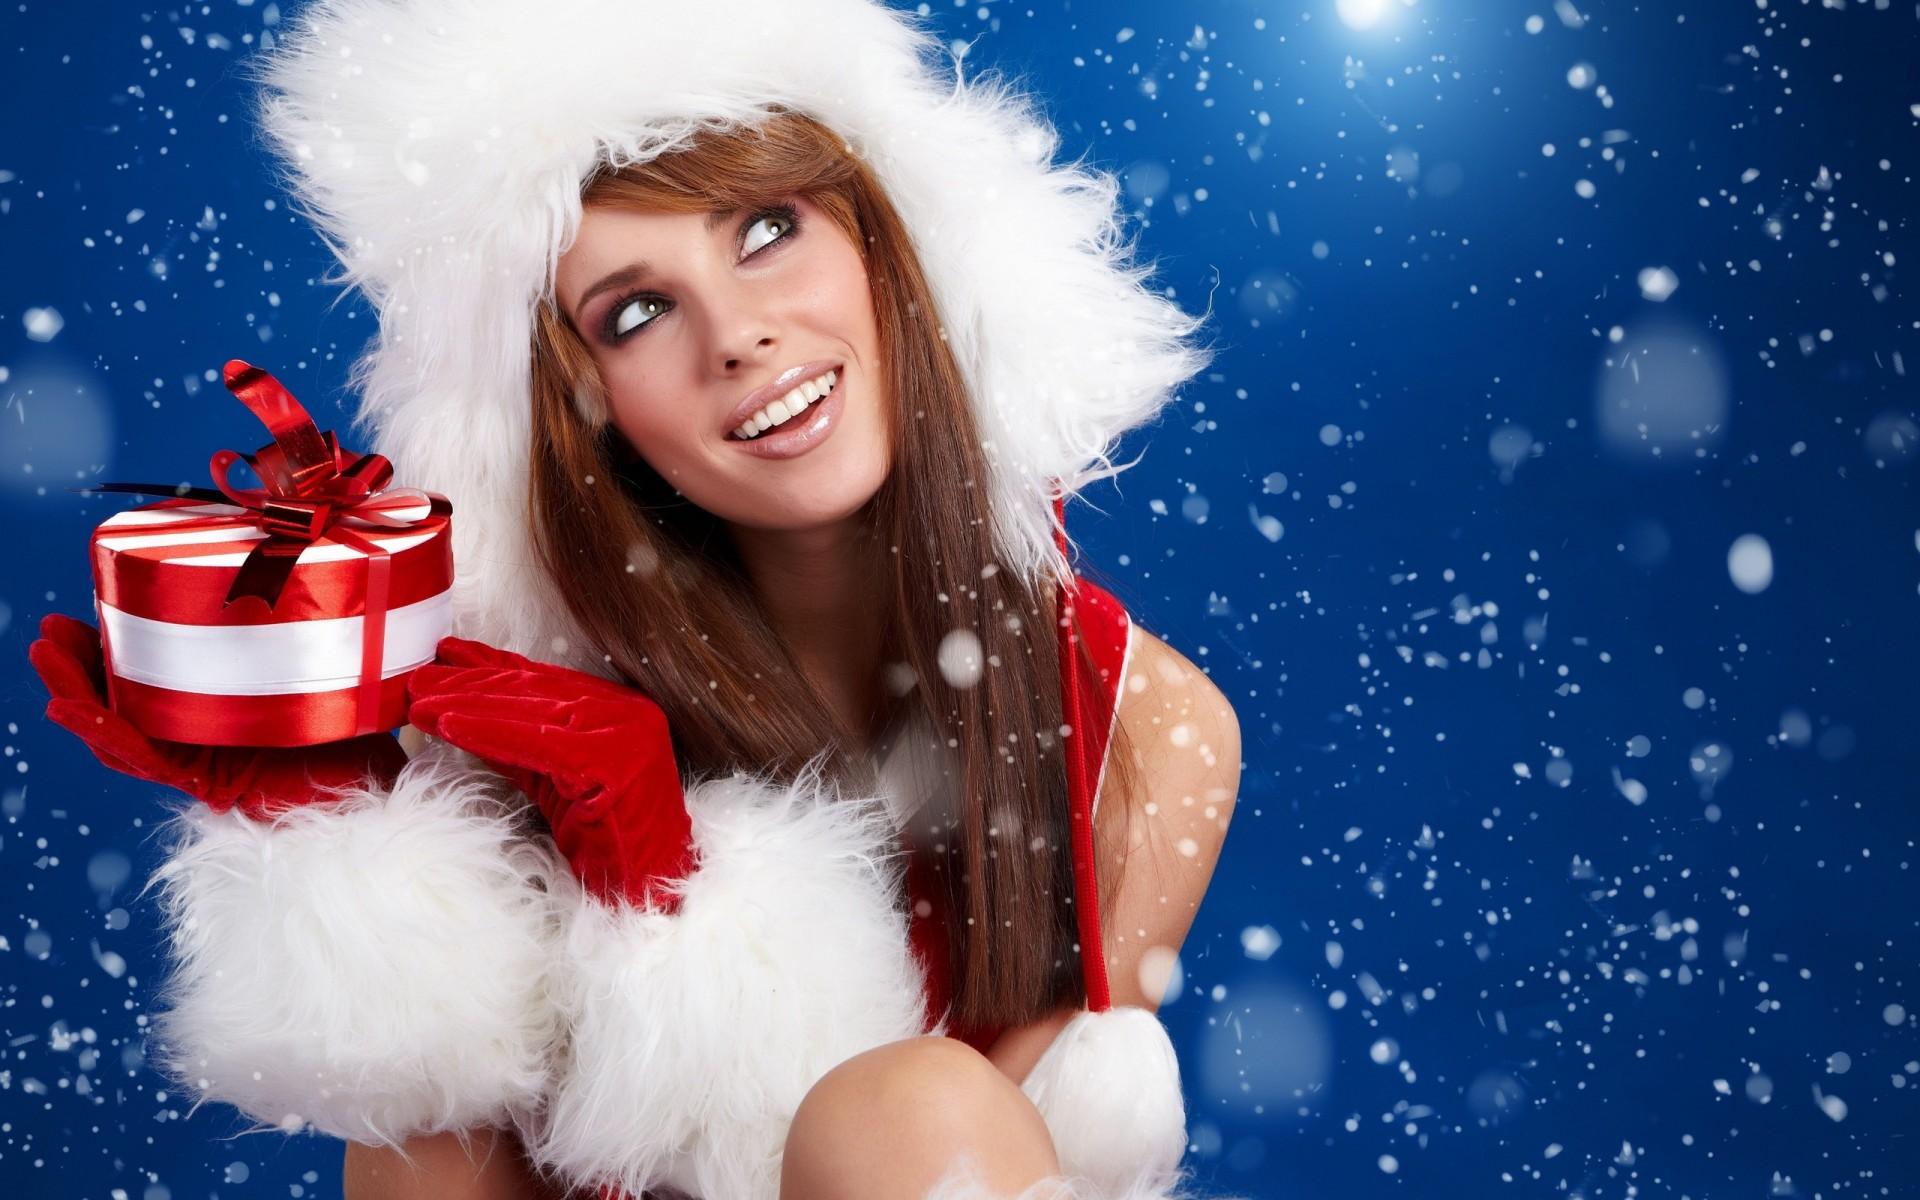 решили проблему фото с новым годом снегурочка весьма приятны